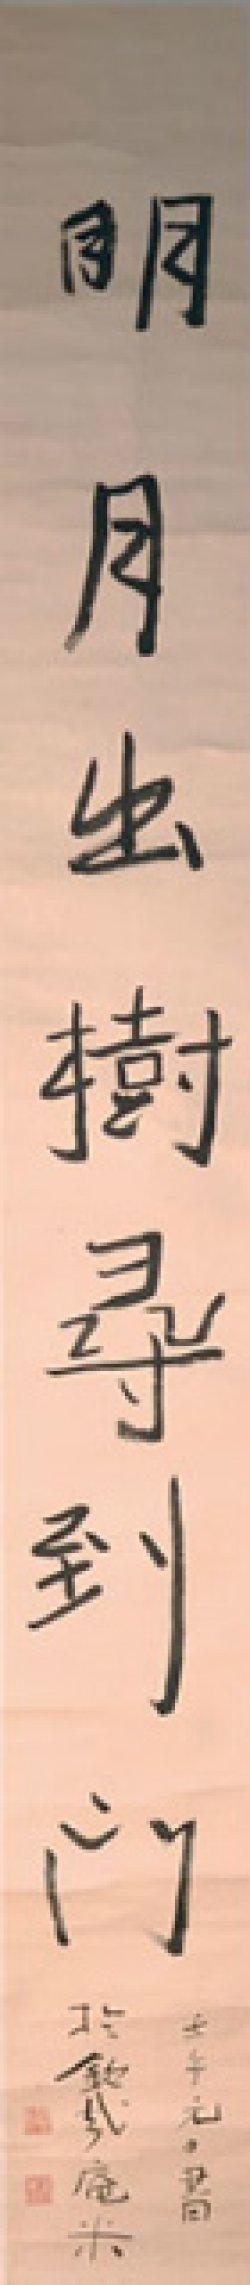 画像1: 青木木米書幅「明月」